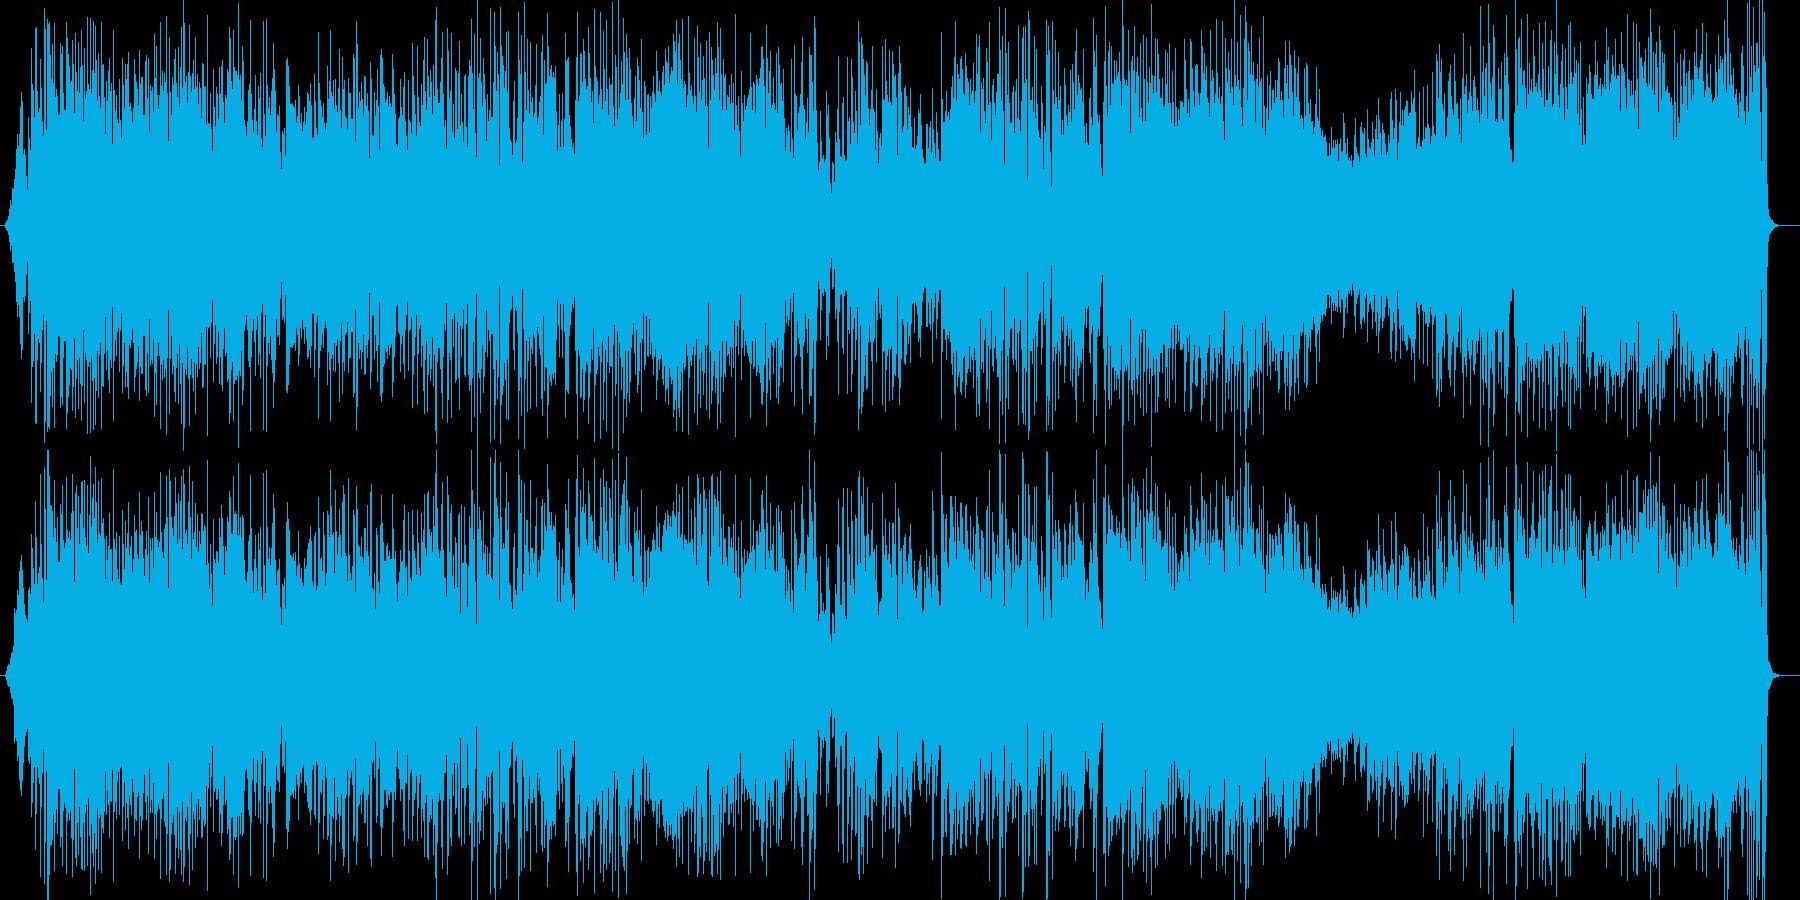 青空を自由に飛び回るような爽快な曲の再生済みの波形